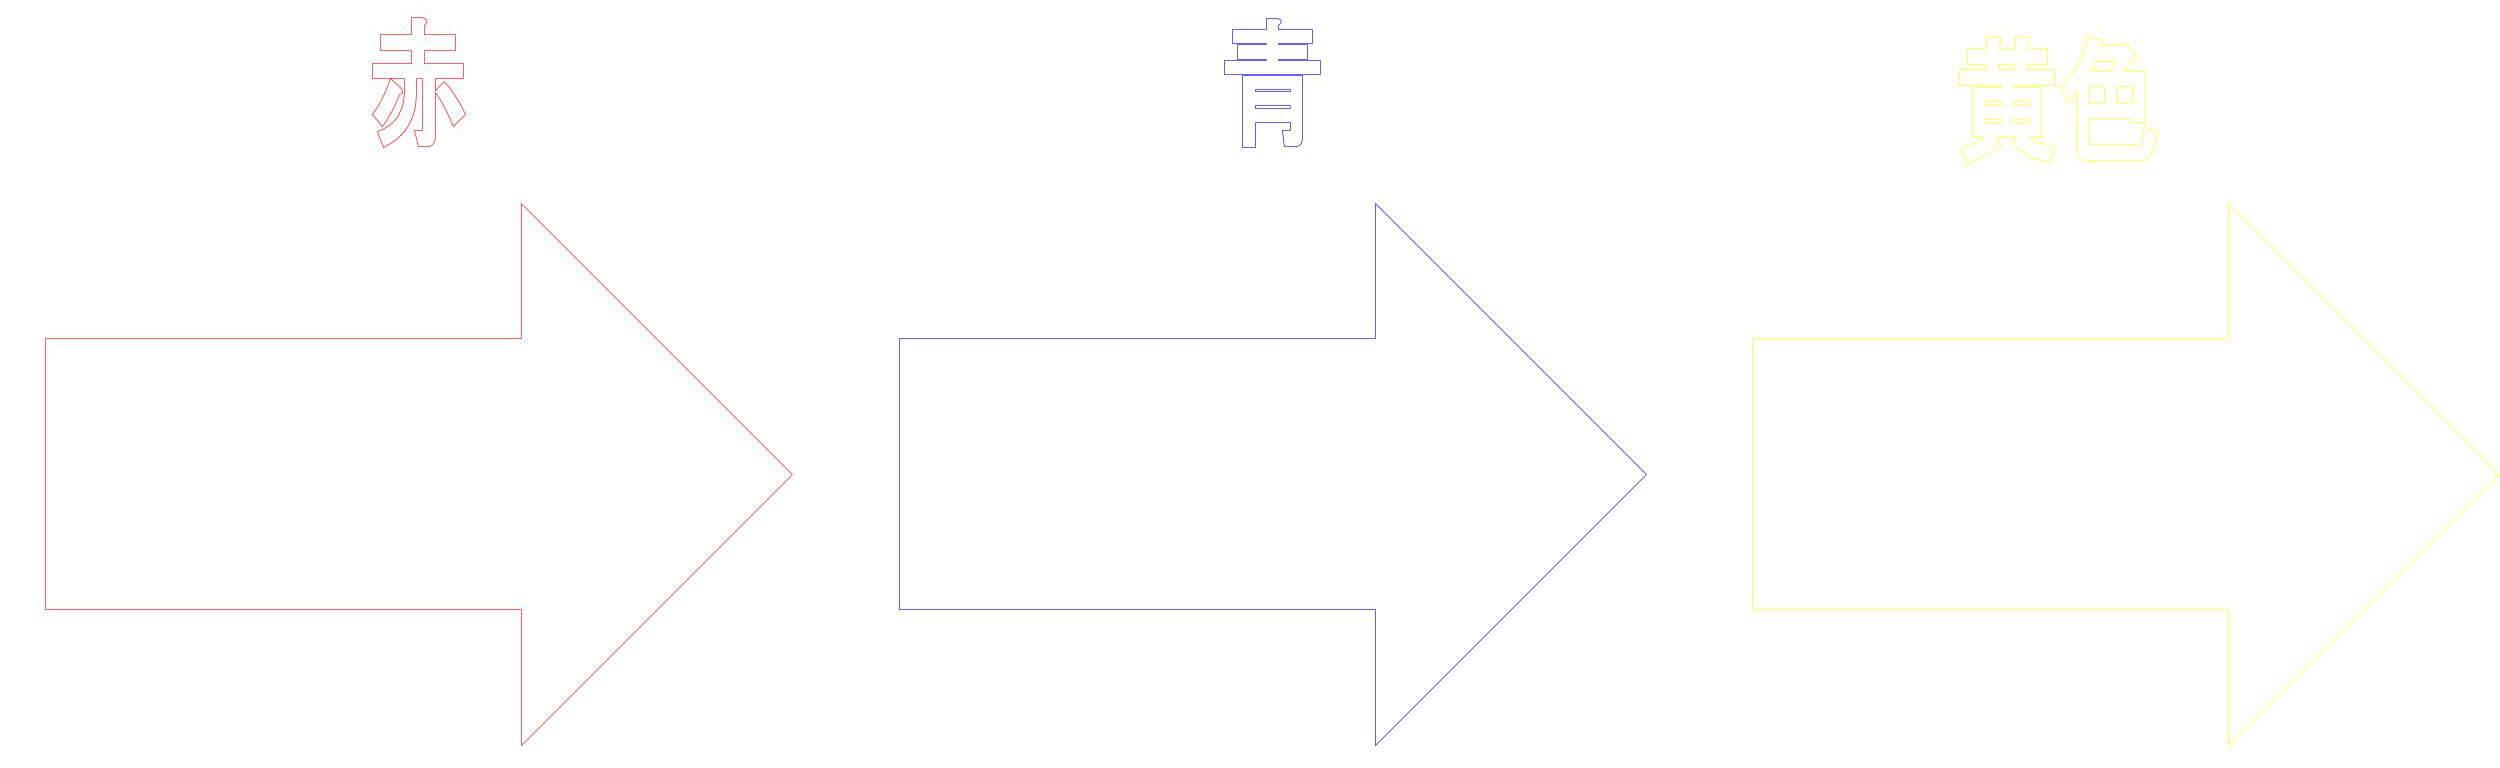 矢印の描き方 枠線の色パターン